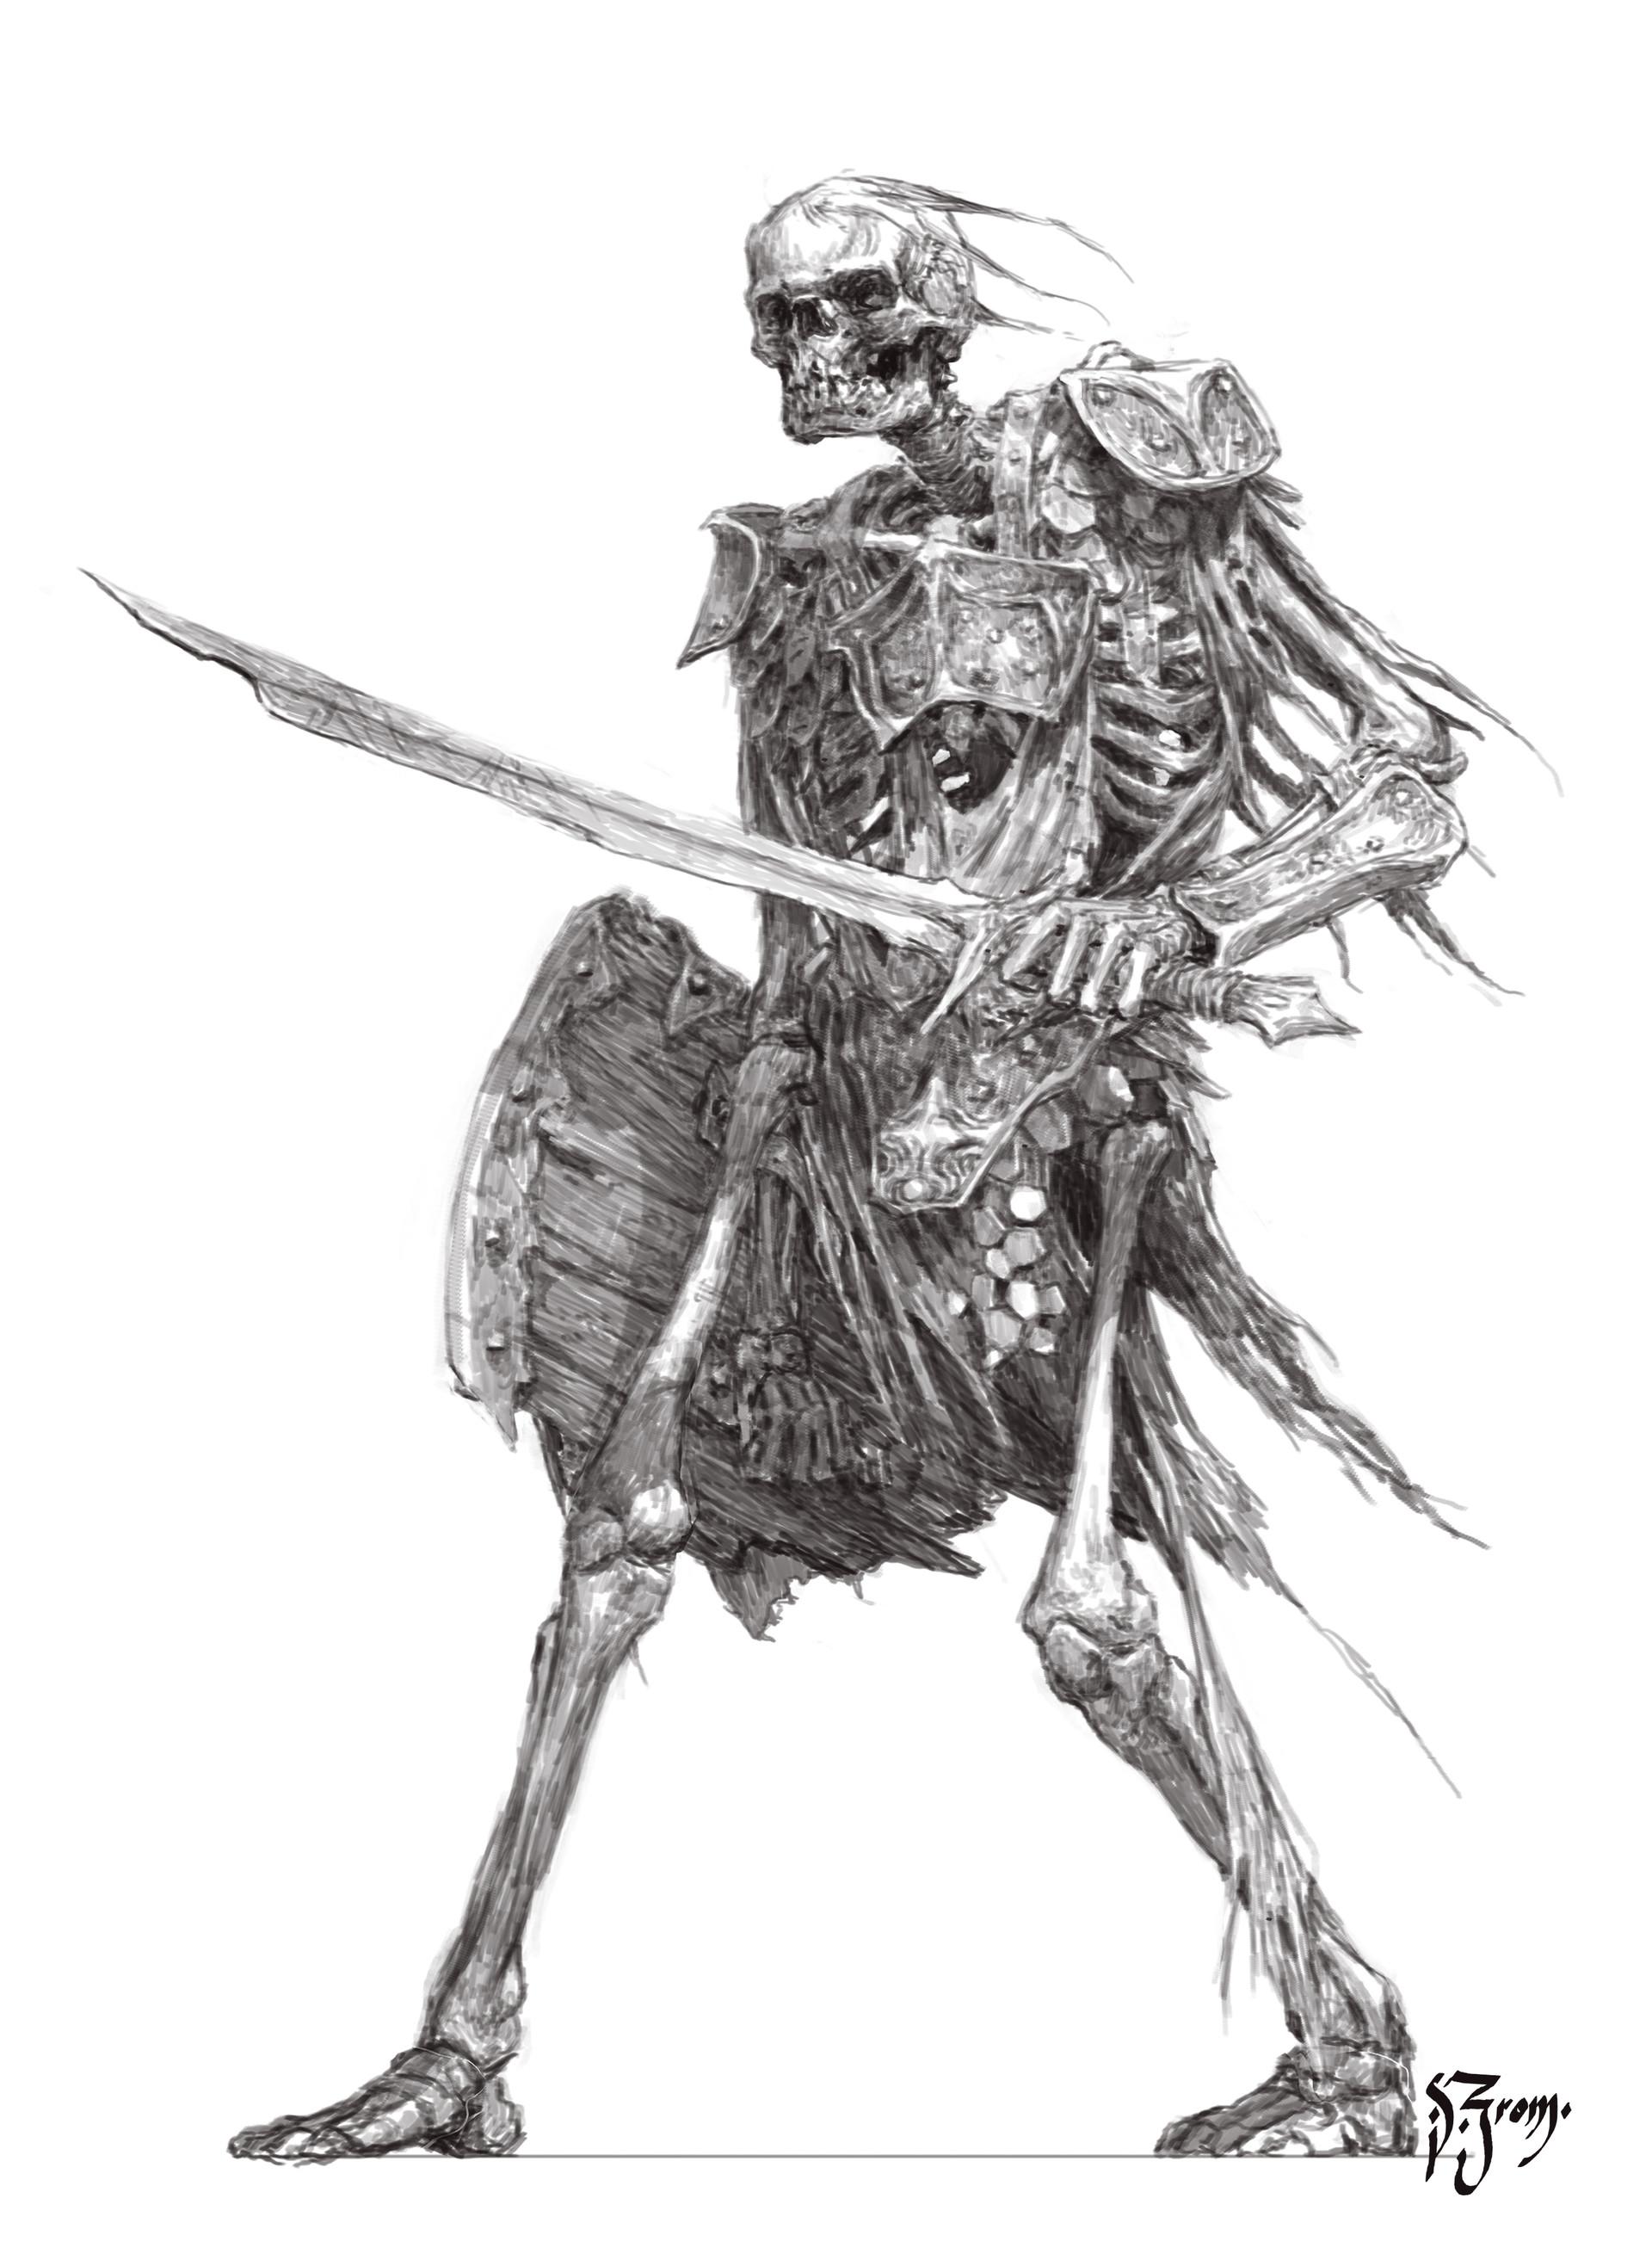 Daniel zrom danielzrom skeletondrawing